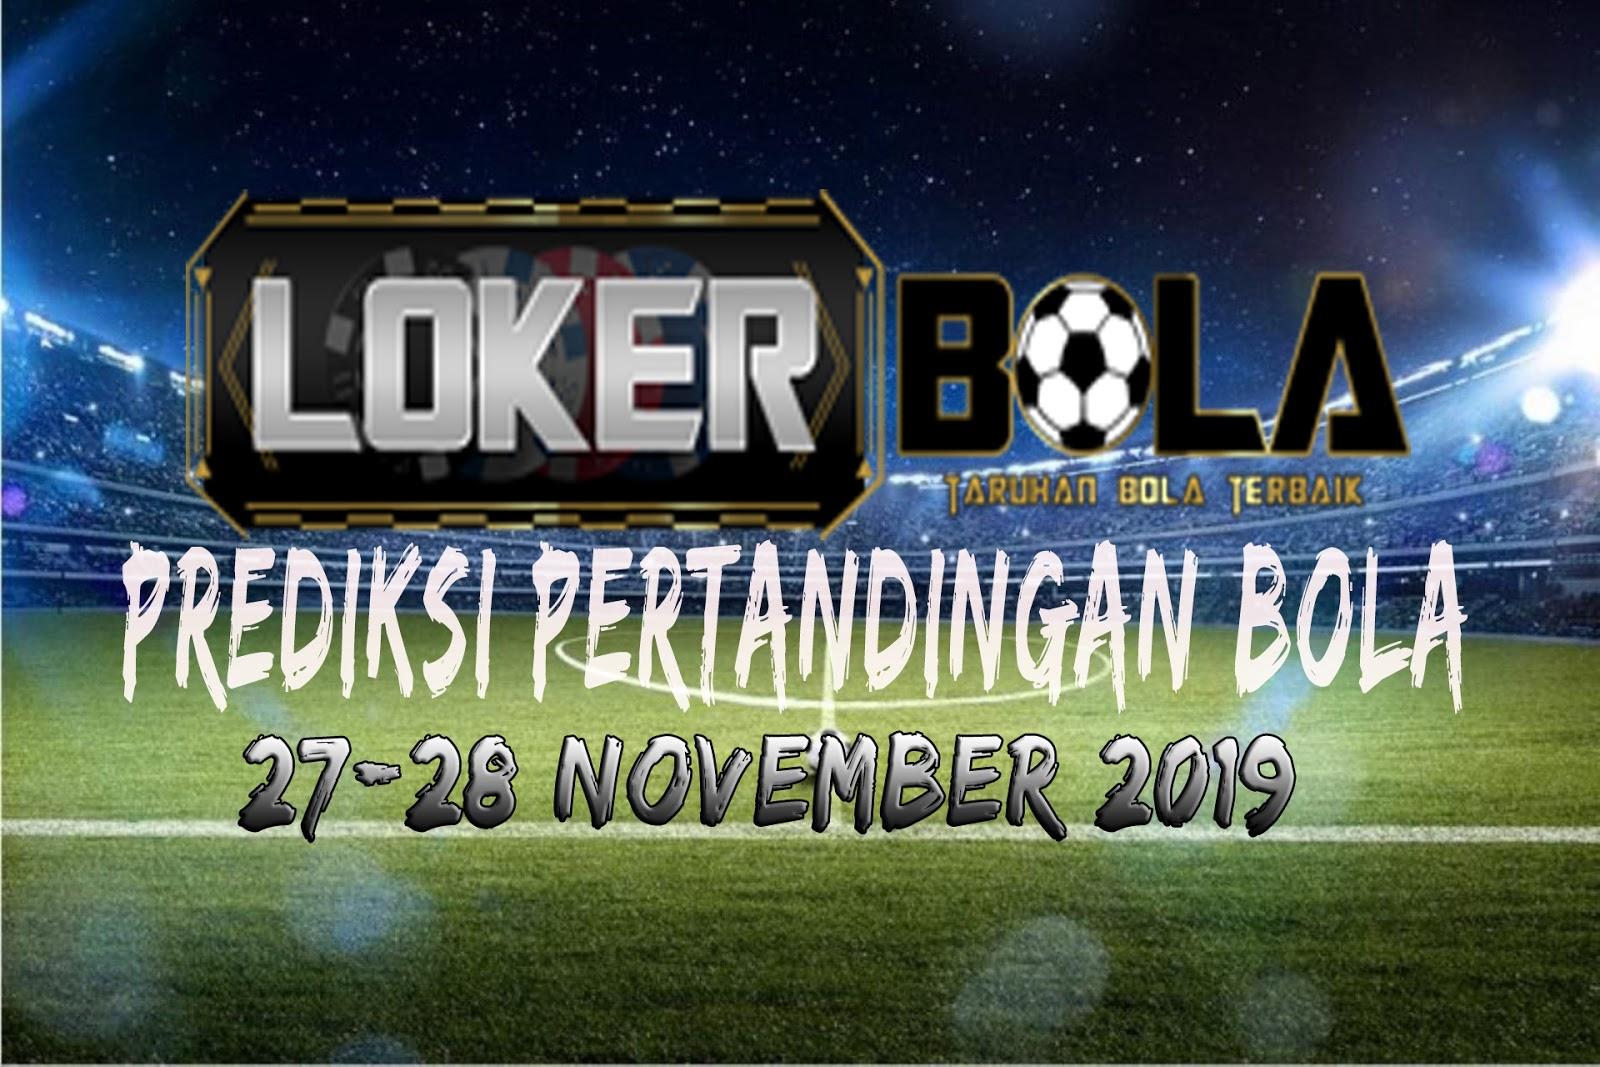 PREDIKSI PERTANDINGAN BOLA 27 – 28 NOVEMBER 2019